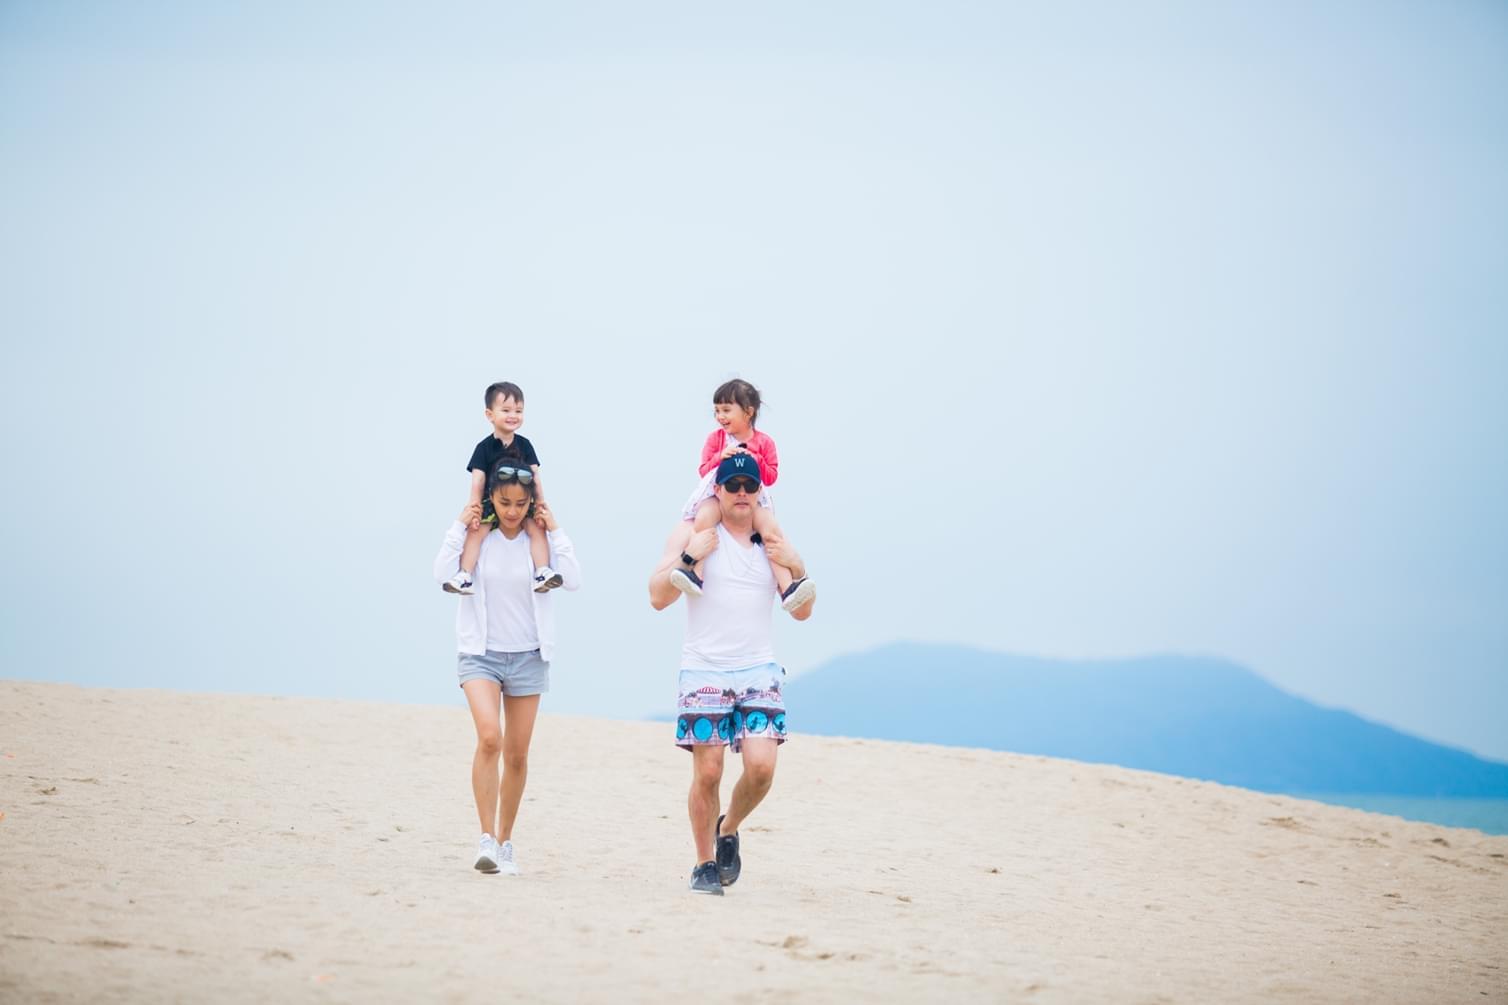 马雅舒一家四口在沙滩上漫步